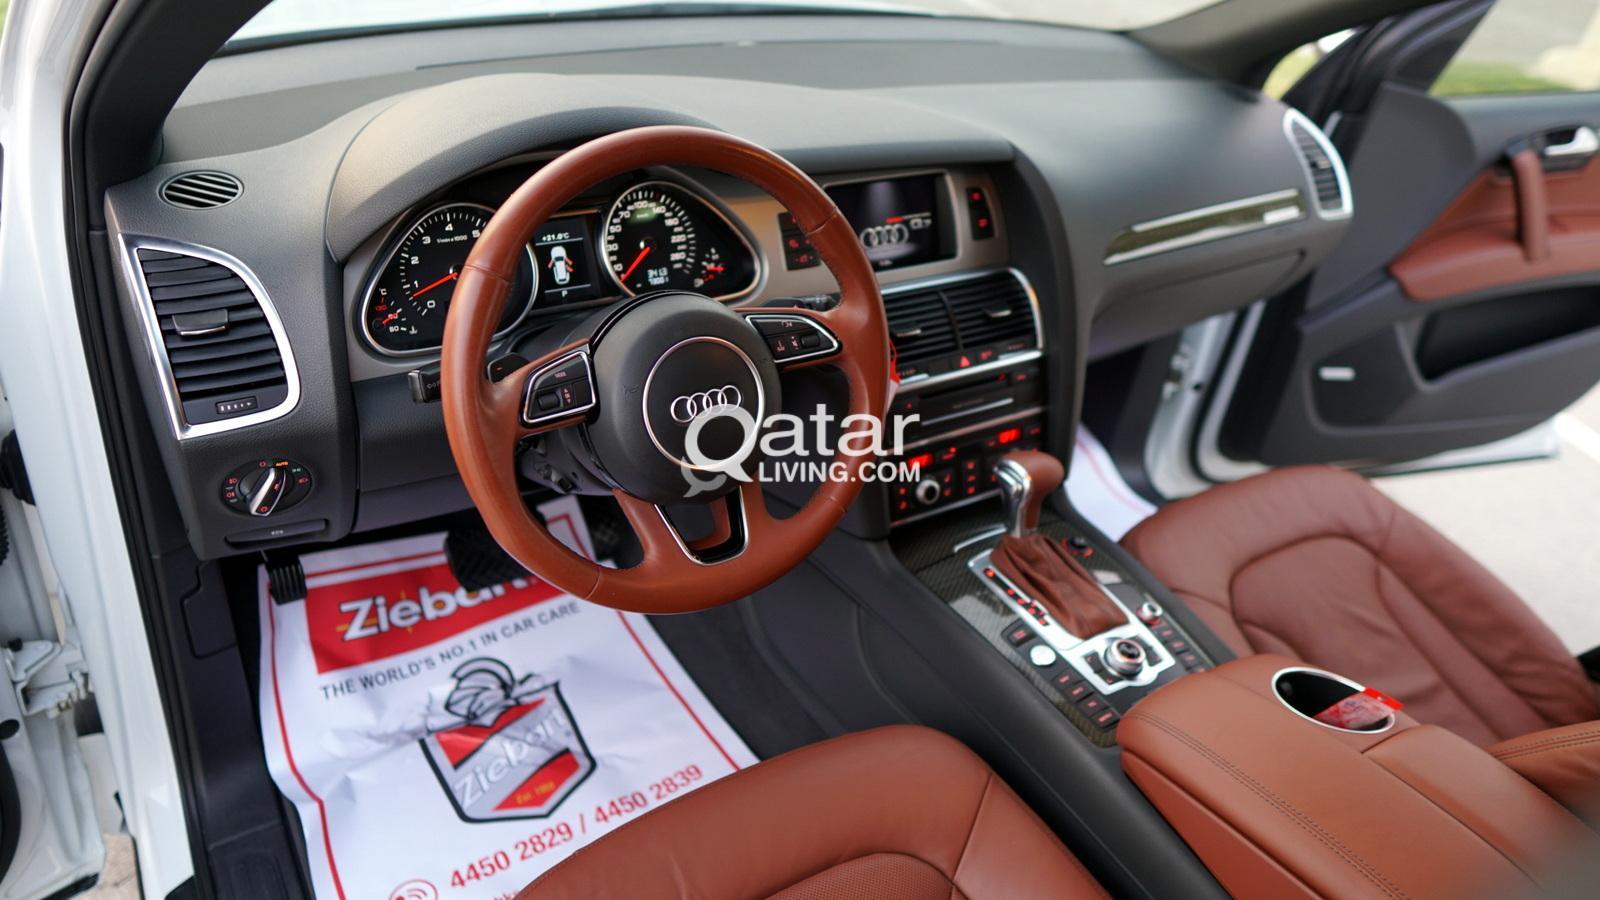 2015 Audi Q7 S-Line Audi Exclusive Pkg + Technology PKG (More Photos Available Upon Viewing)